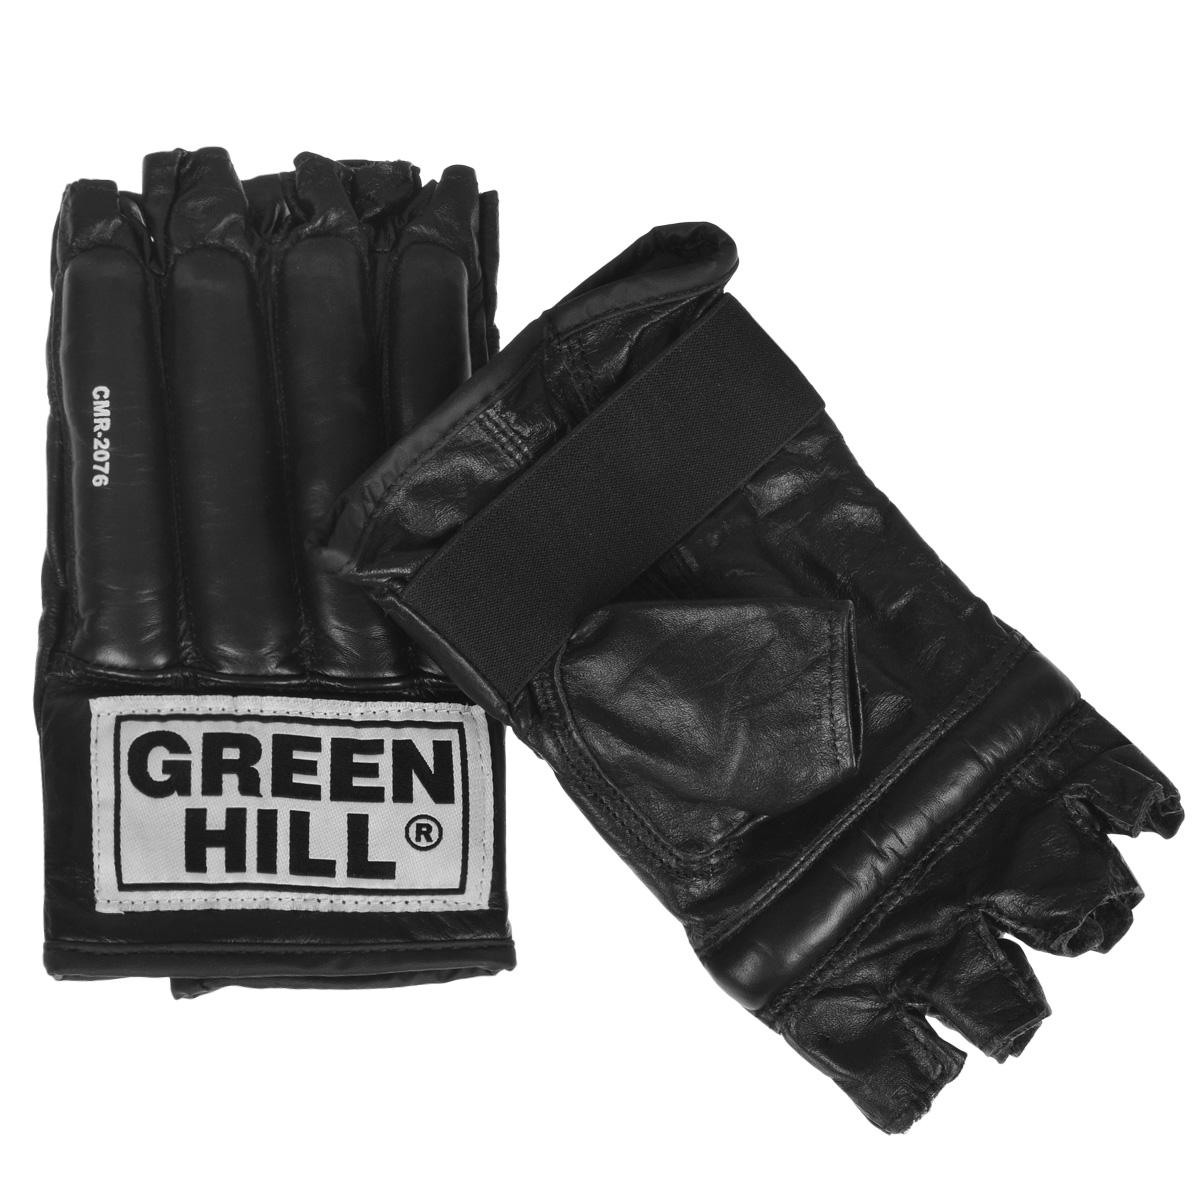 Шингарты для единоборств Green Hill Royal, цвет: черный. Размер S канатрукав green hill для лазания 5 метров в спб